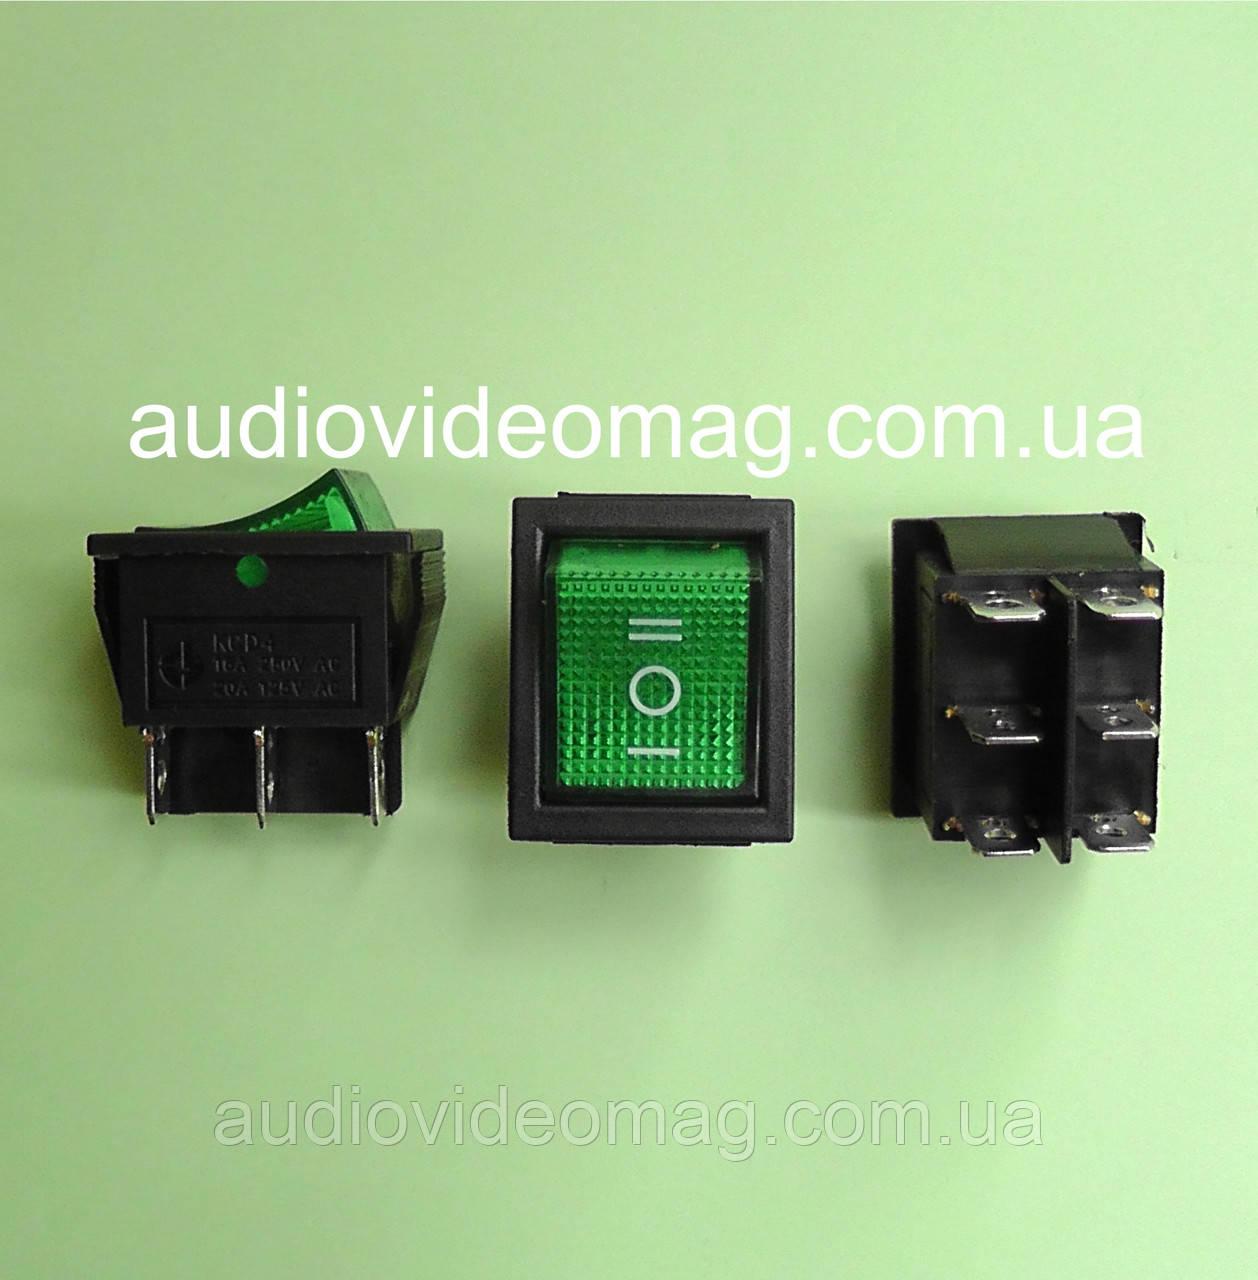 Кнопочный выключатель (кнопка) 28.5 х 22 мм, трехфазный, 250V 15A, зеленый